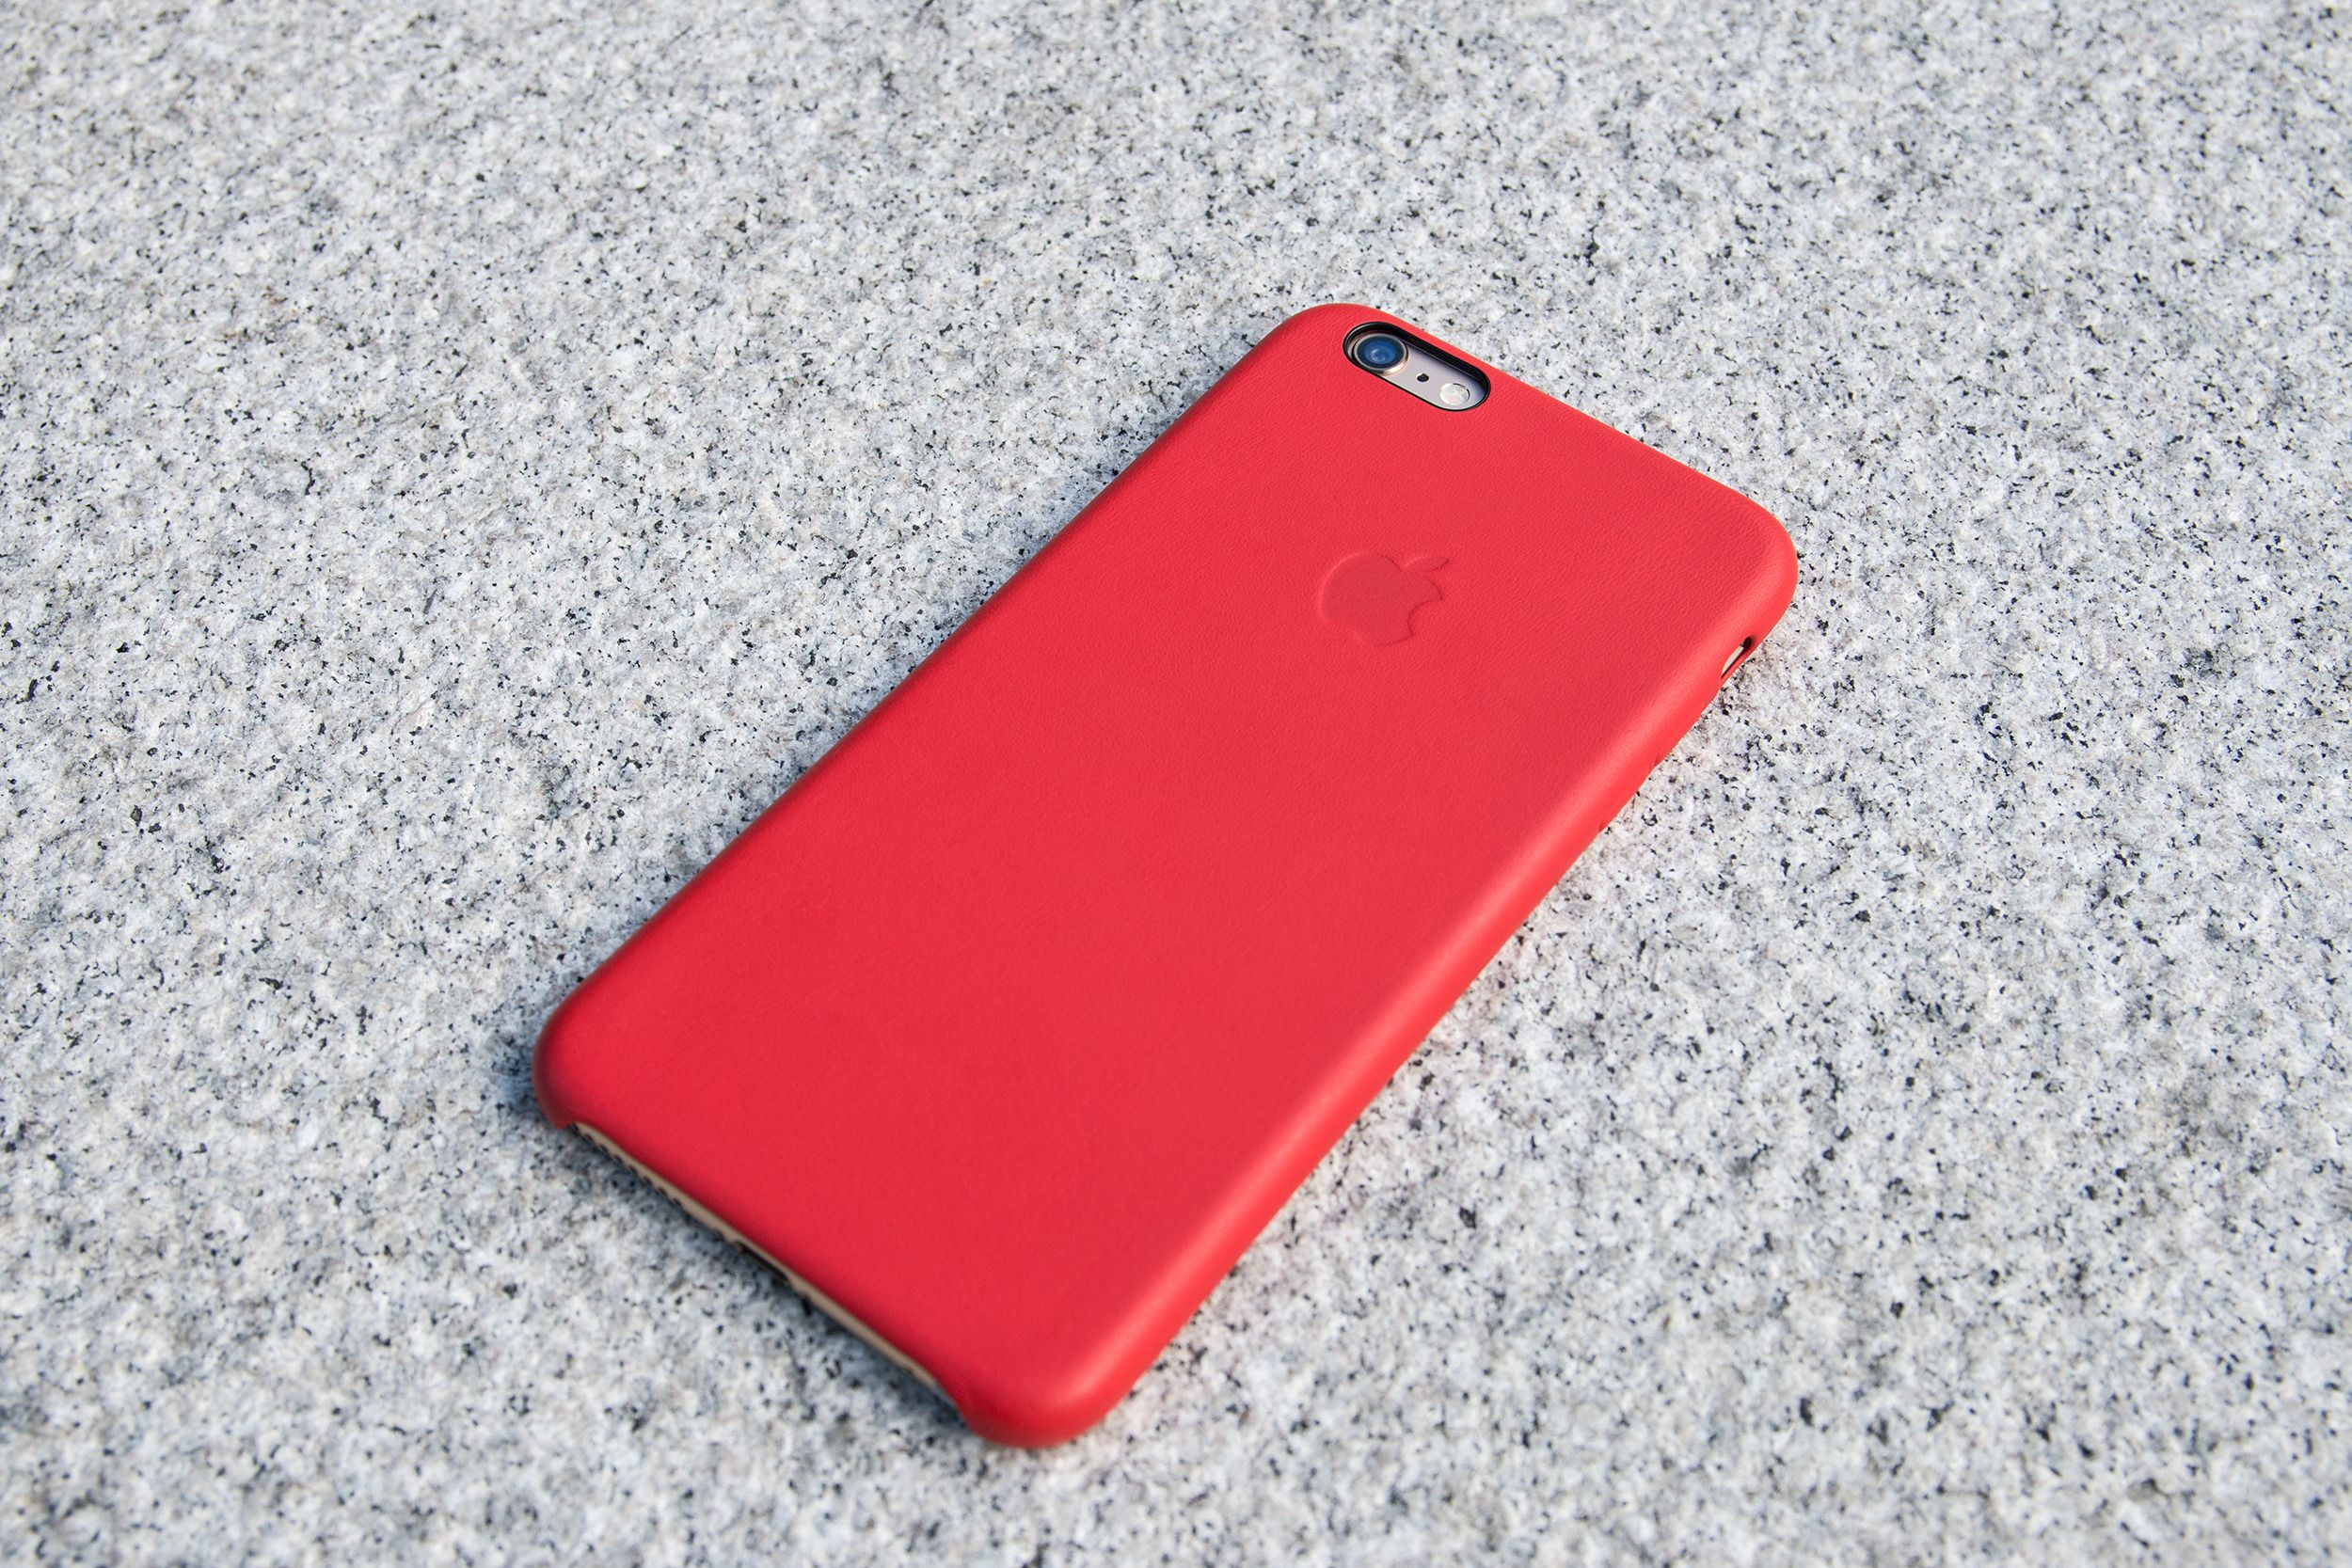 Apple hevder selv at iPhone 6 Plus ikke skal bøye seg under normal bruk. Så langt skal kun ni kunder ha klaget på denne typen problemer. Er du bekymret for dette kan et deksel være kjekt å ha.Foto: Jørgen Elton Nilsen, Tek.no